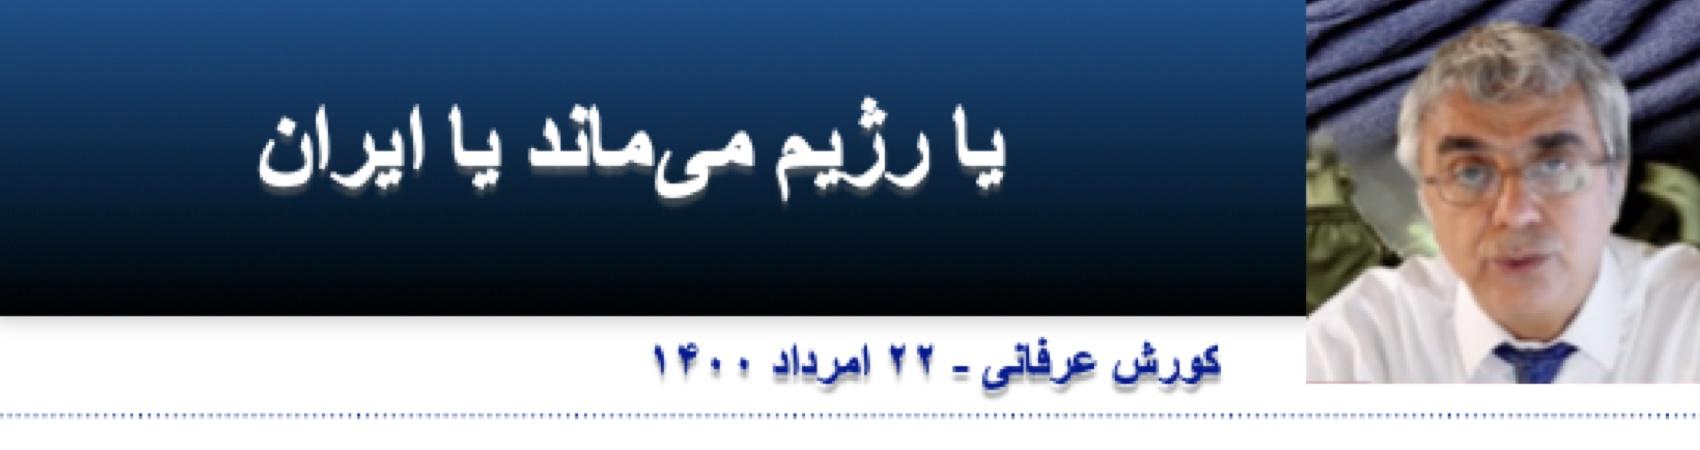 یا رژیم میماند یا ایران 